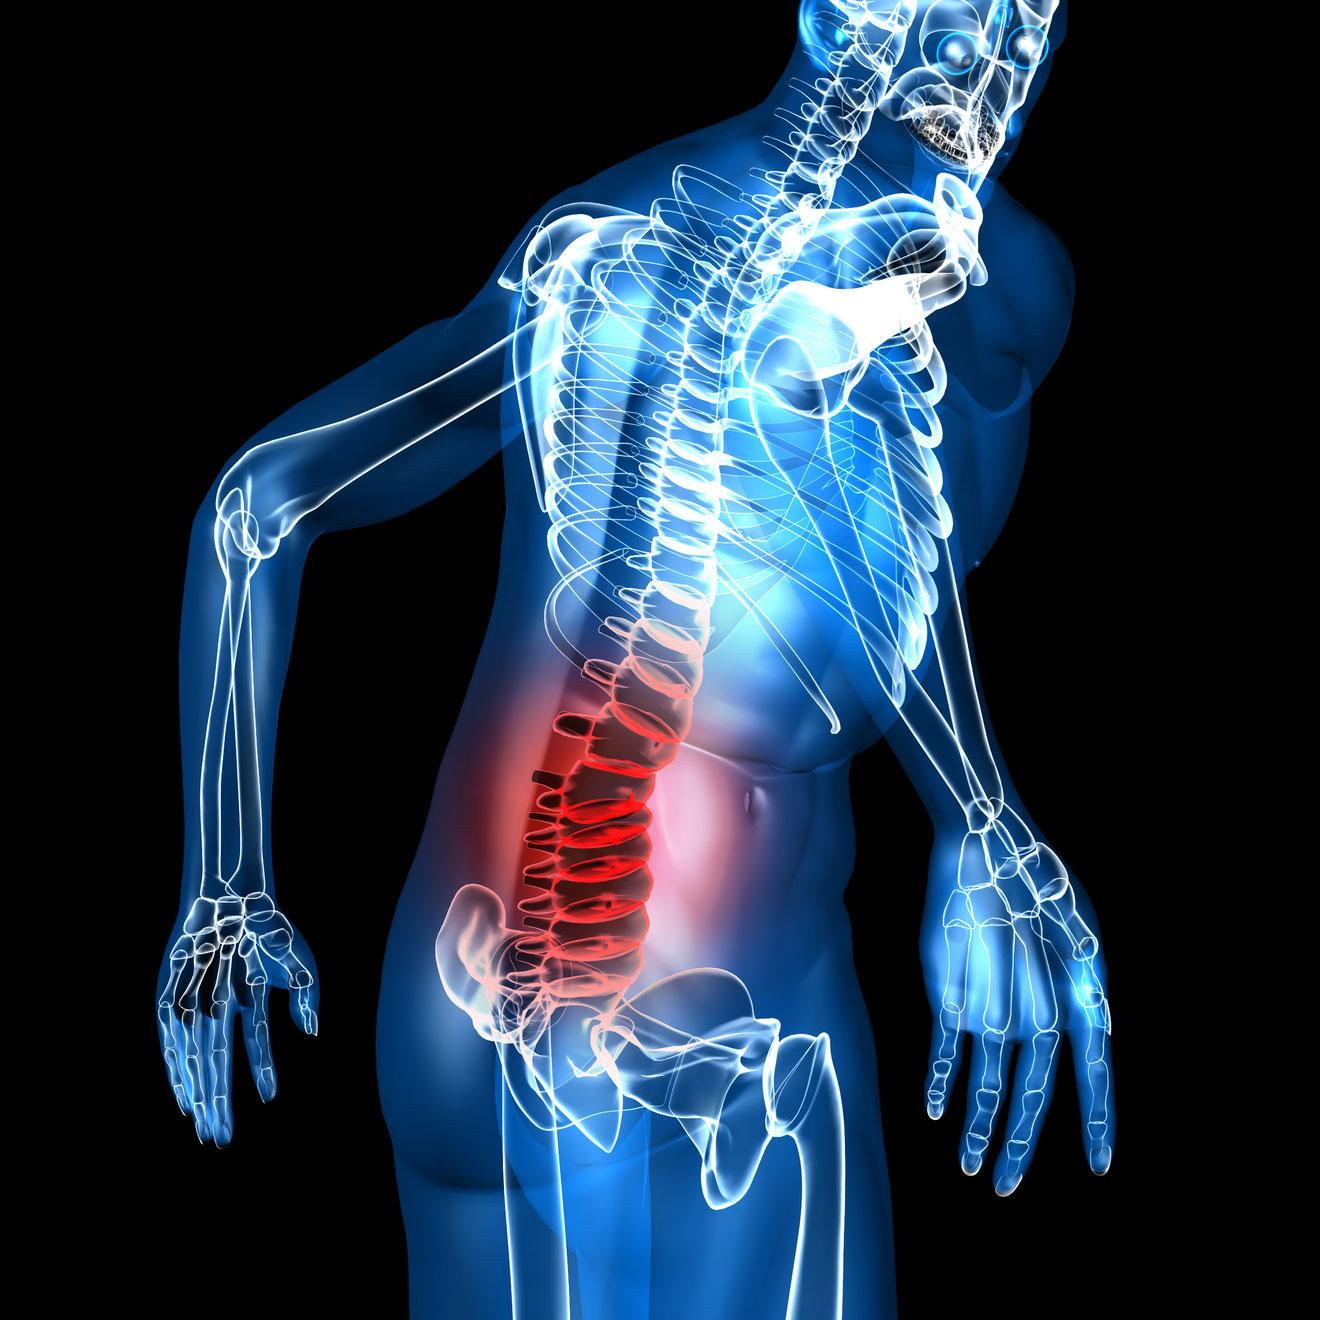 Discopathie : Quels sont les traitements possibles afin de soigner une arthrose des disques intervertébraux.